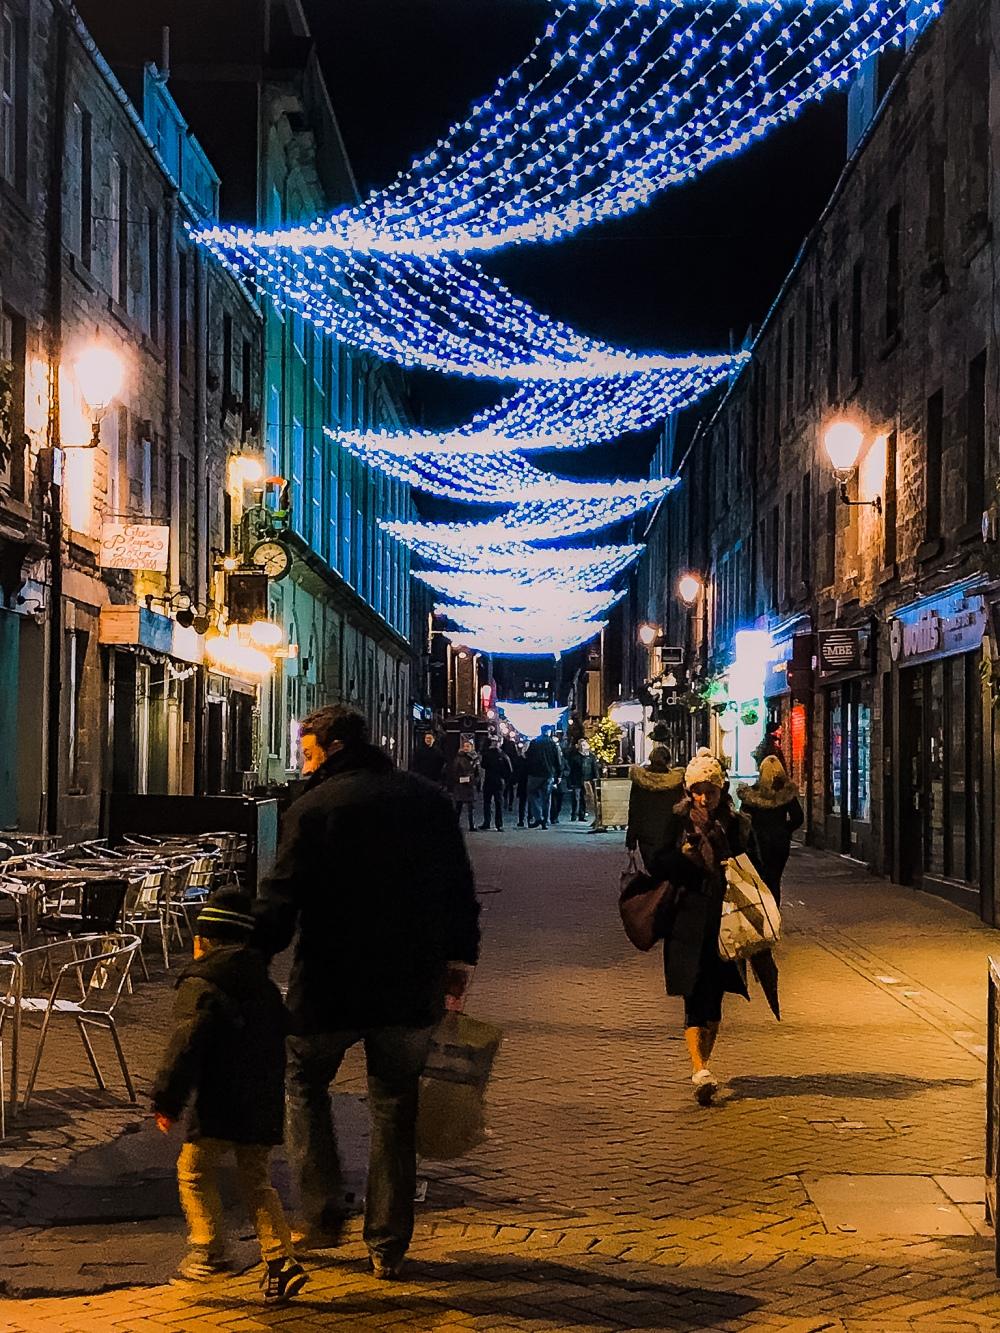 Lights on Rose St.